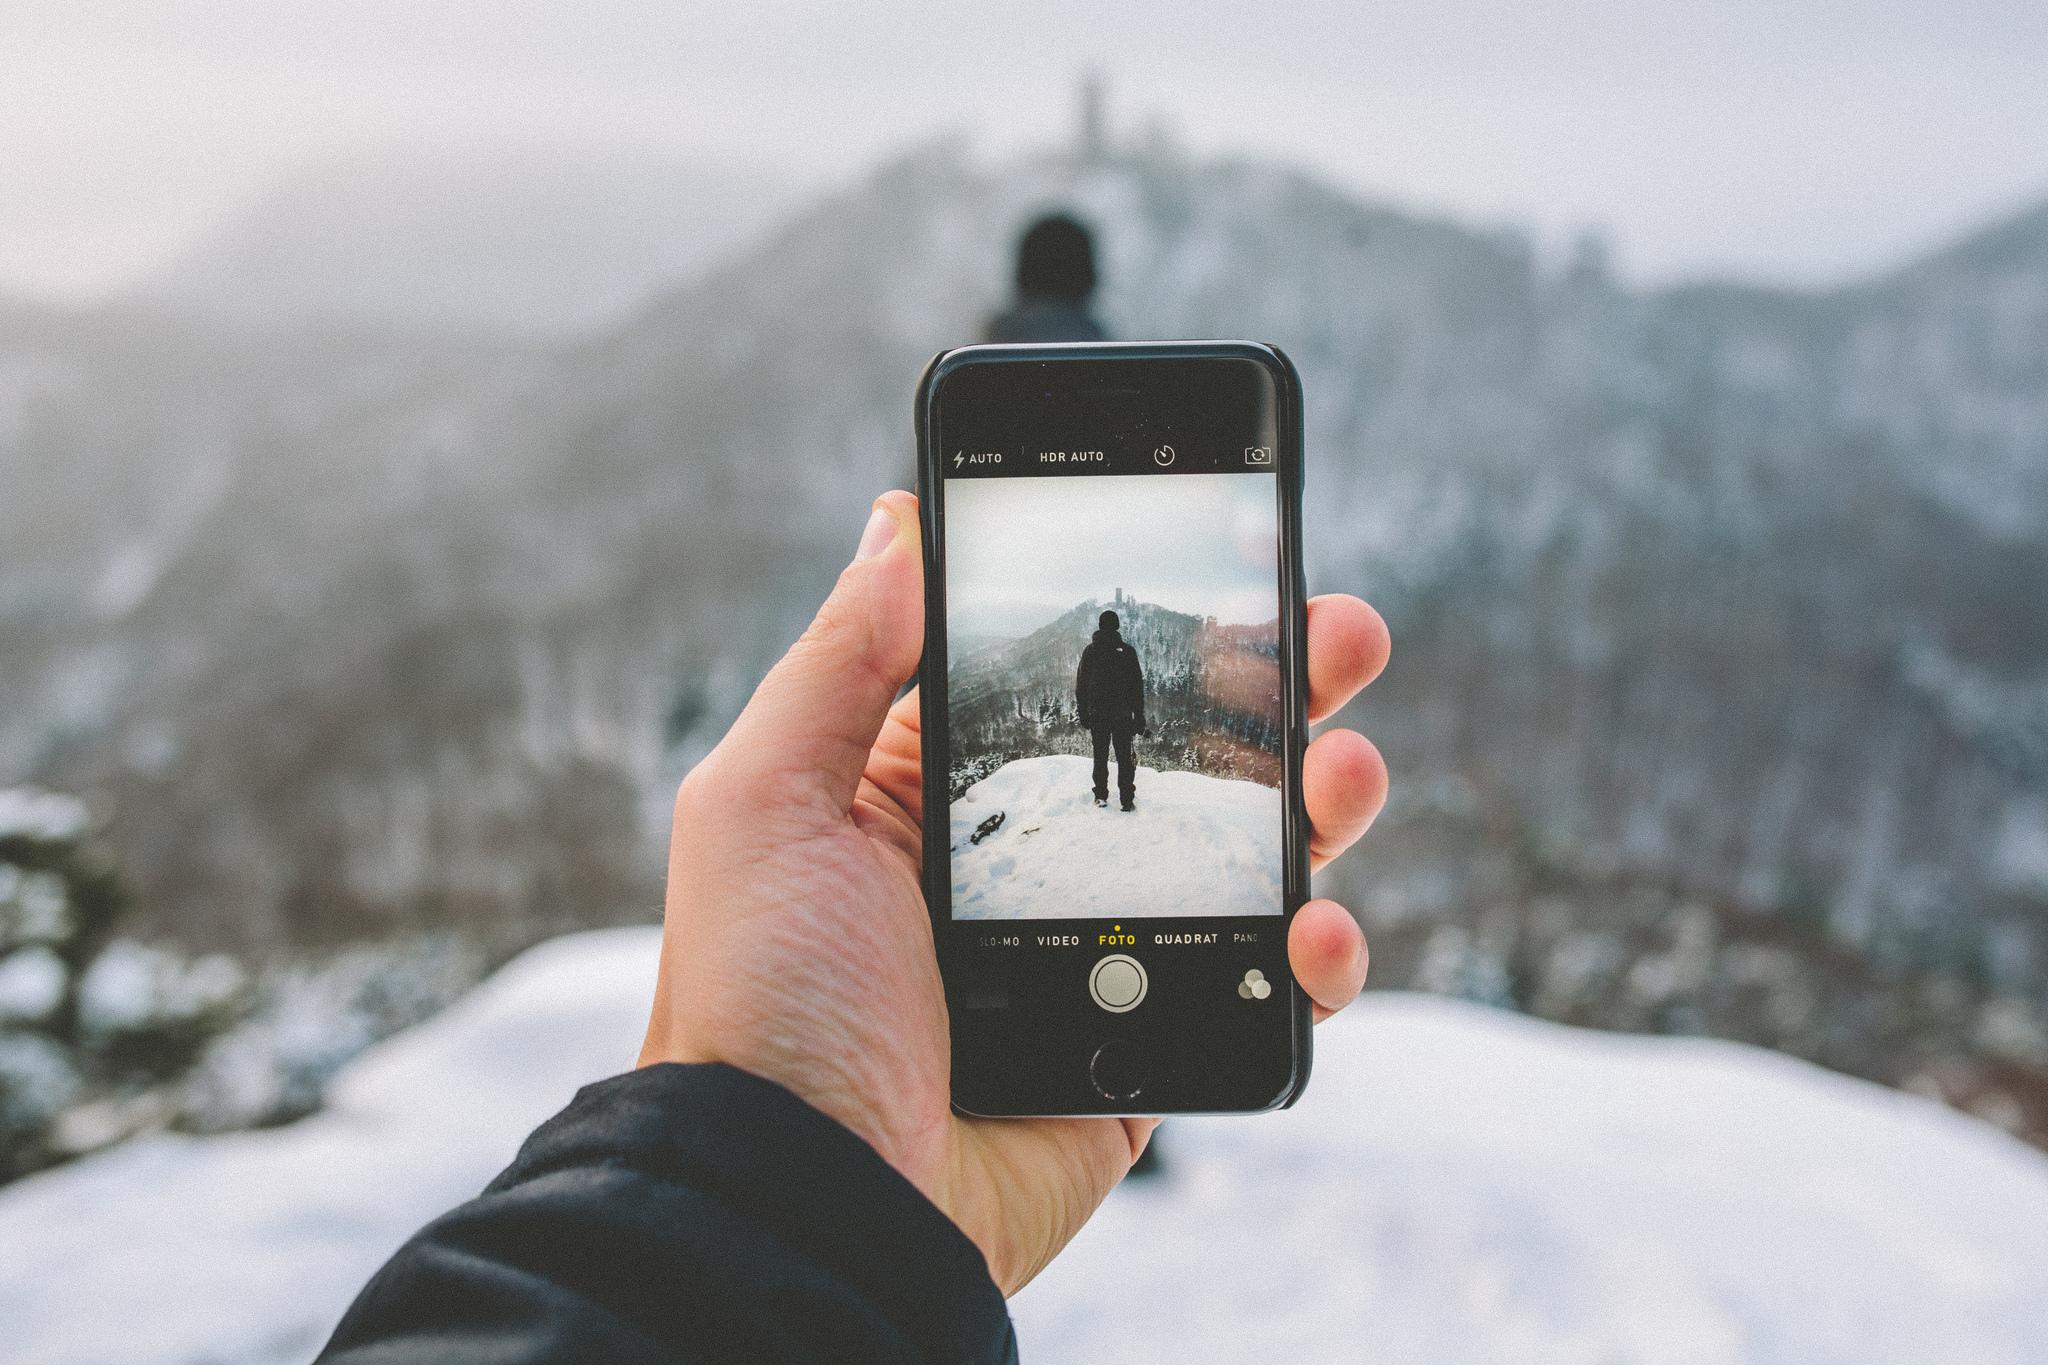 Почему так много весят фото в айфоне получается очень